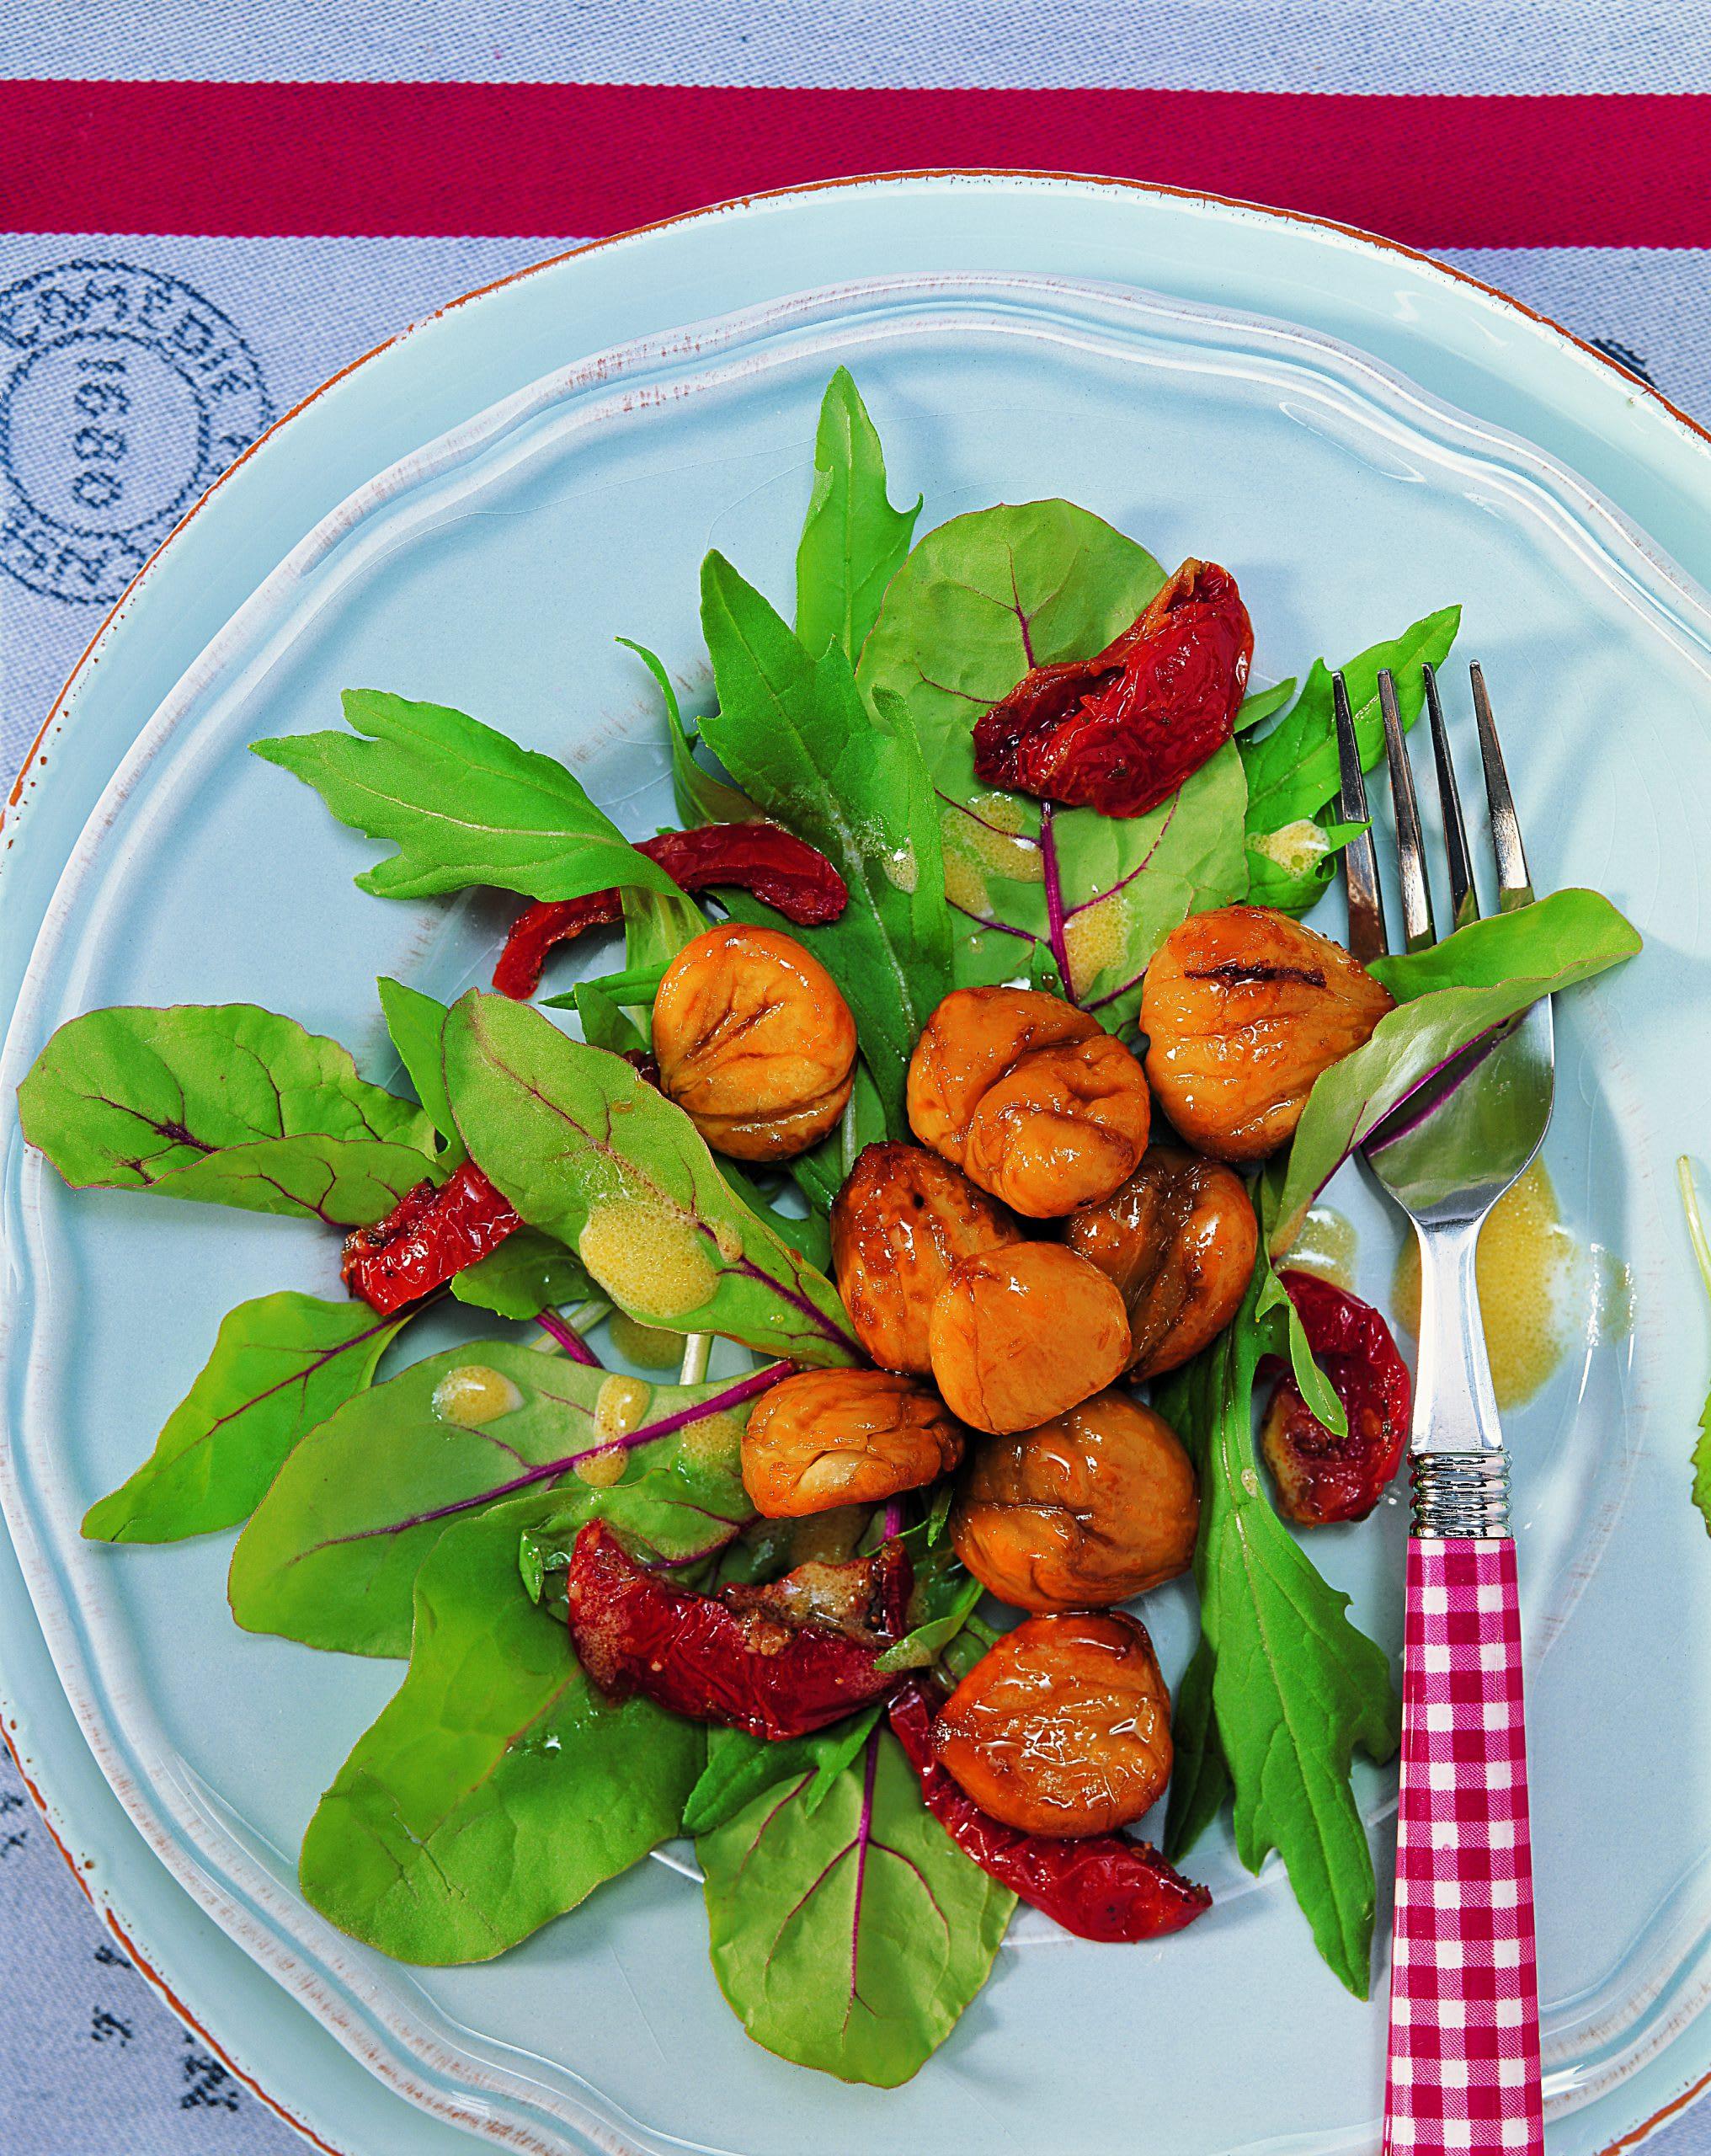 Marrons en salade